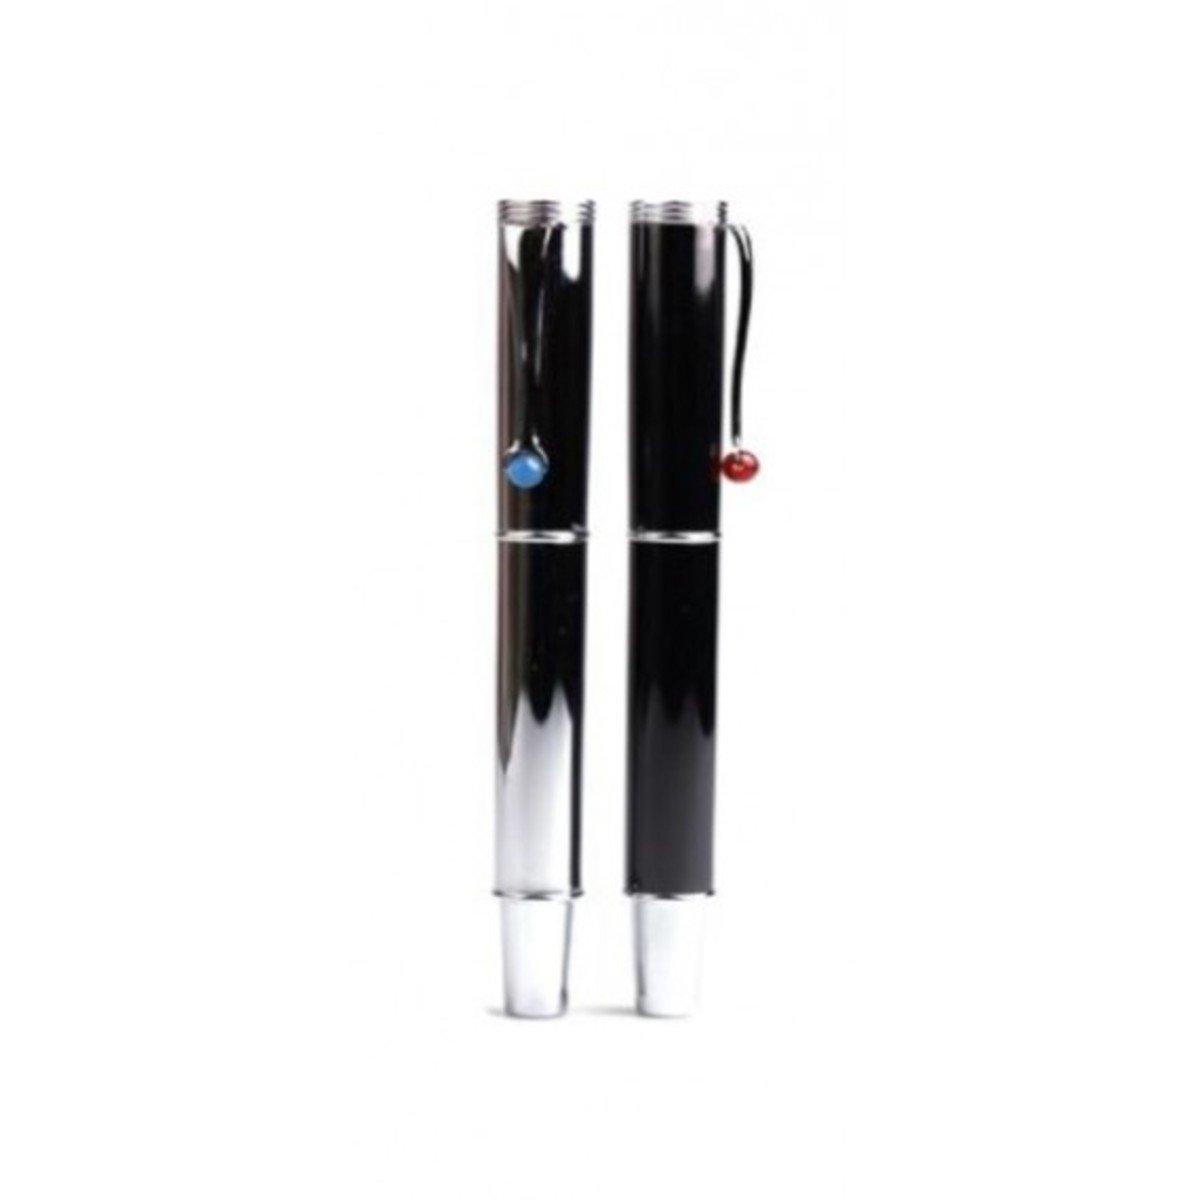 Superb - 水晶男仕原子筆配瑪瑙筆夾 (黑)